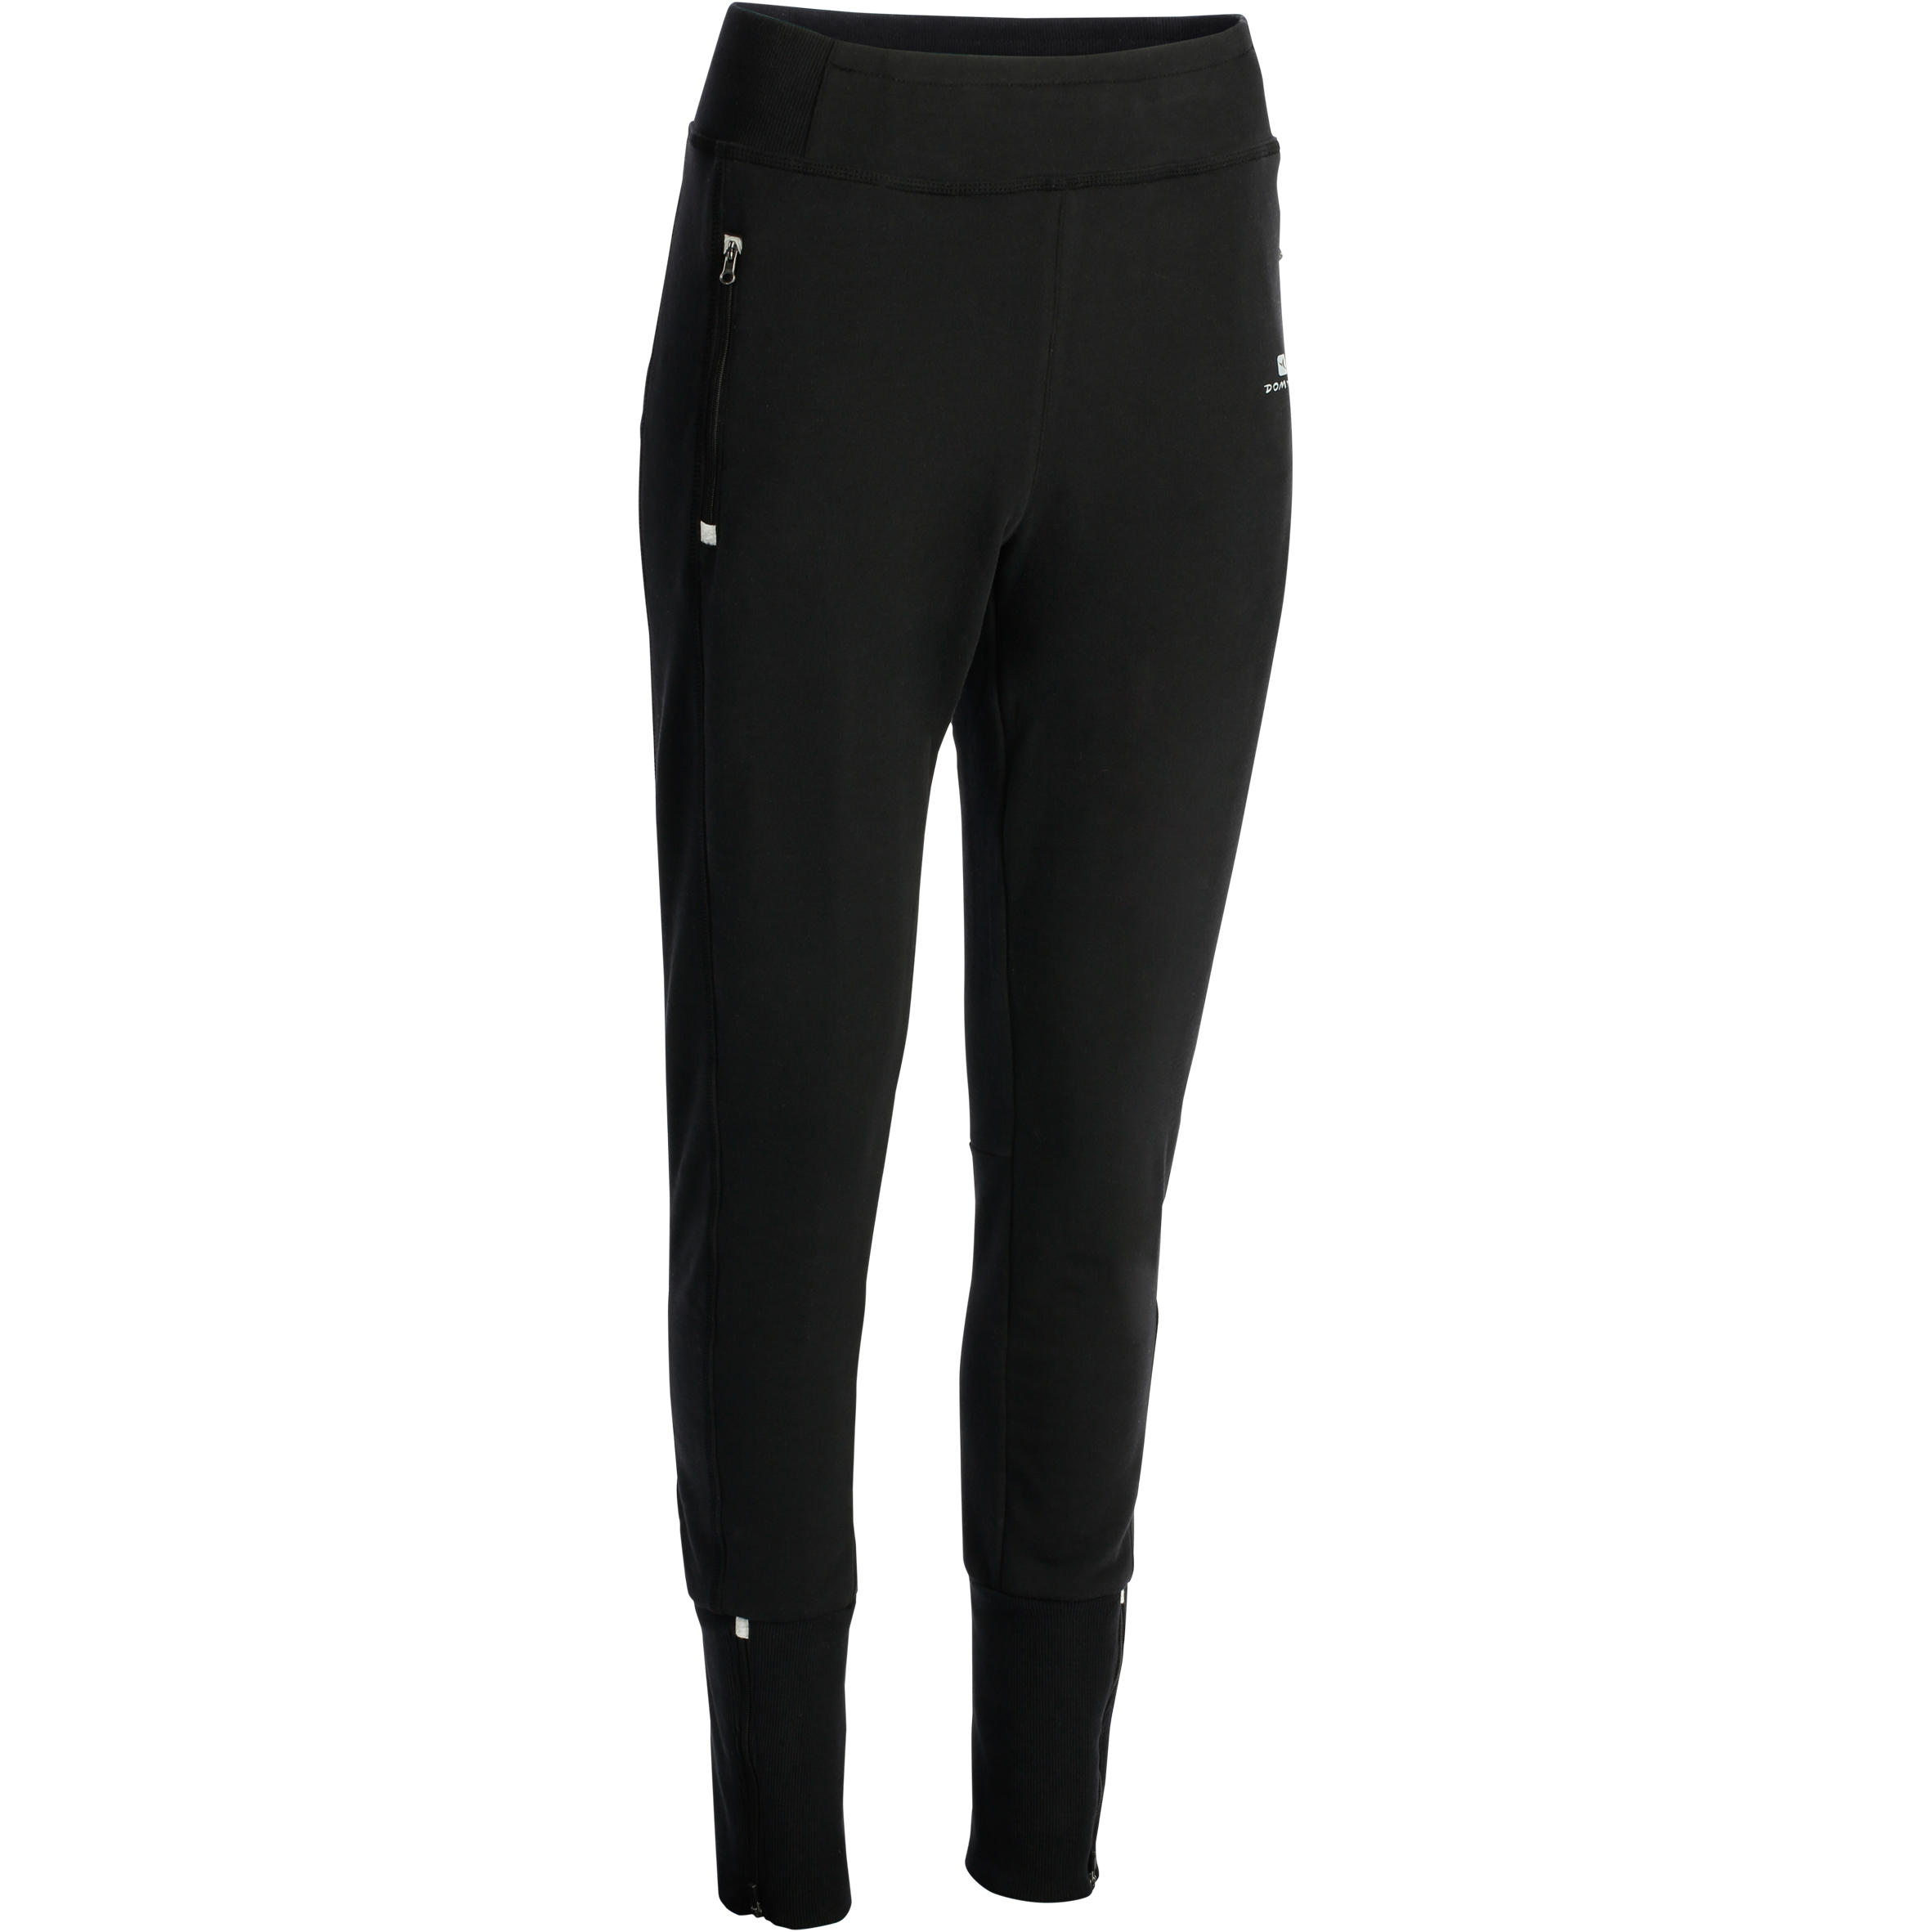 Pantalon 500 mince bas à glissière gymnastique d'étirements femme noir